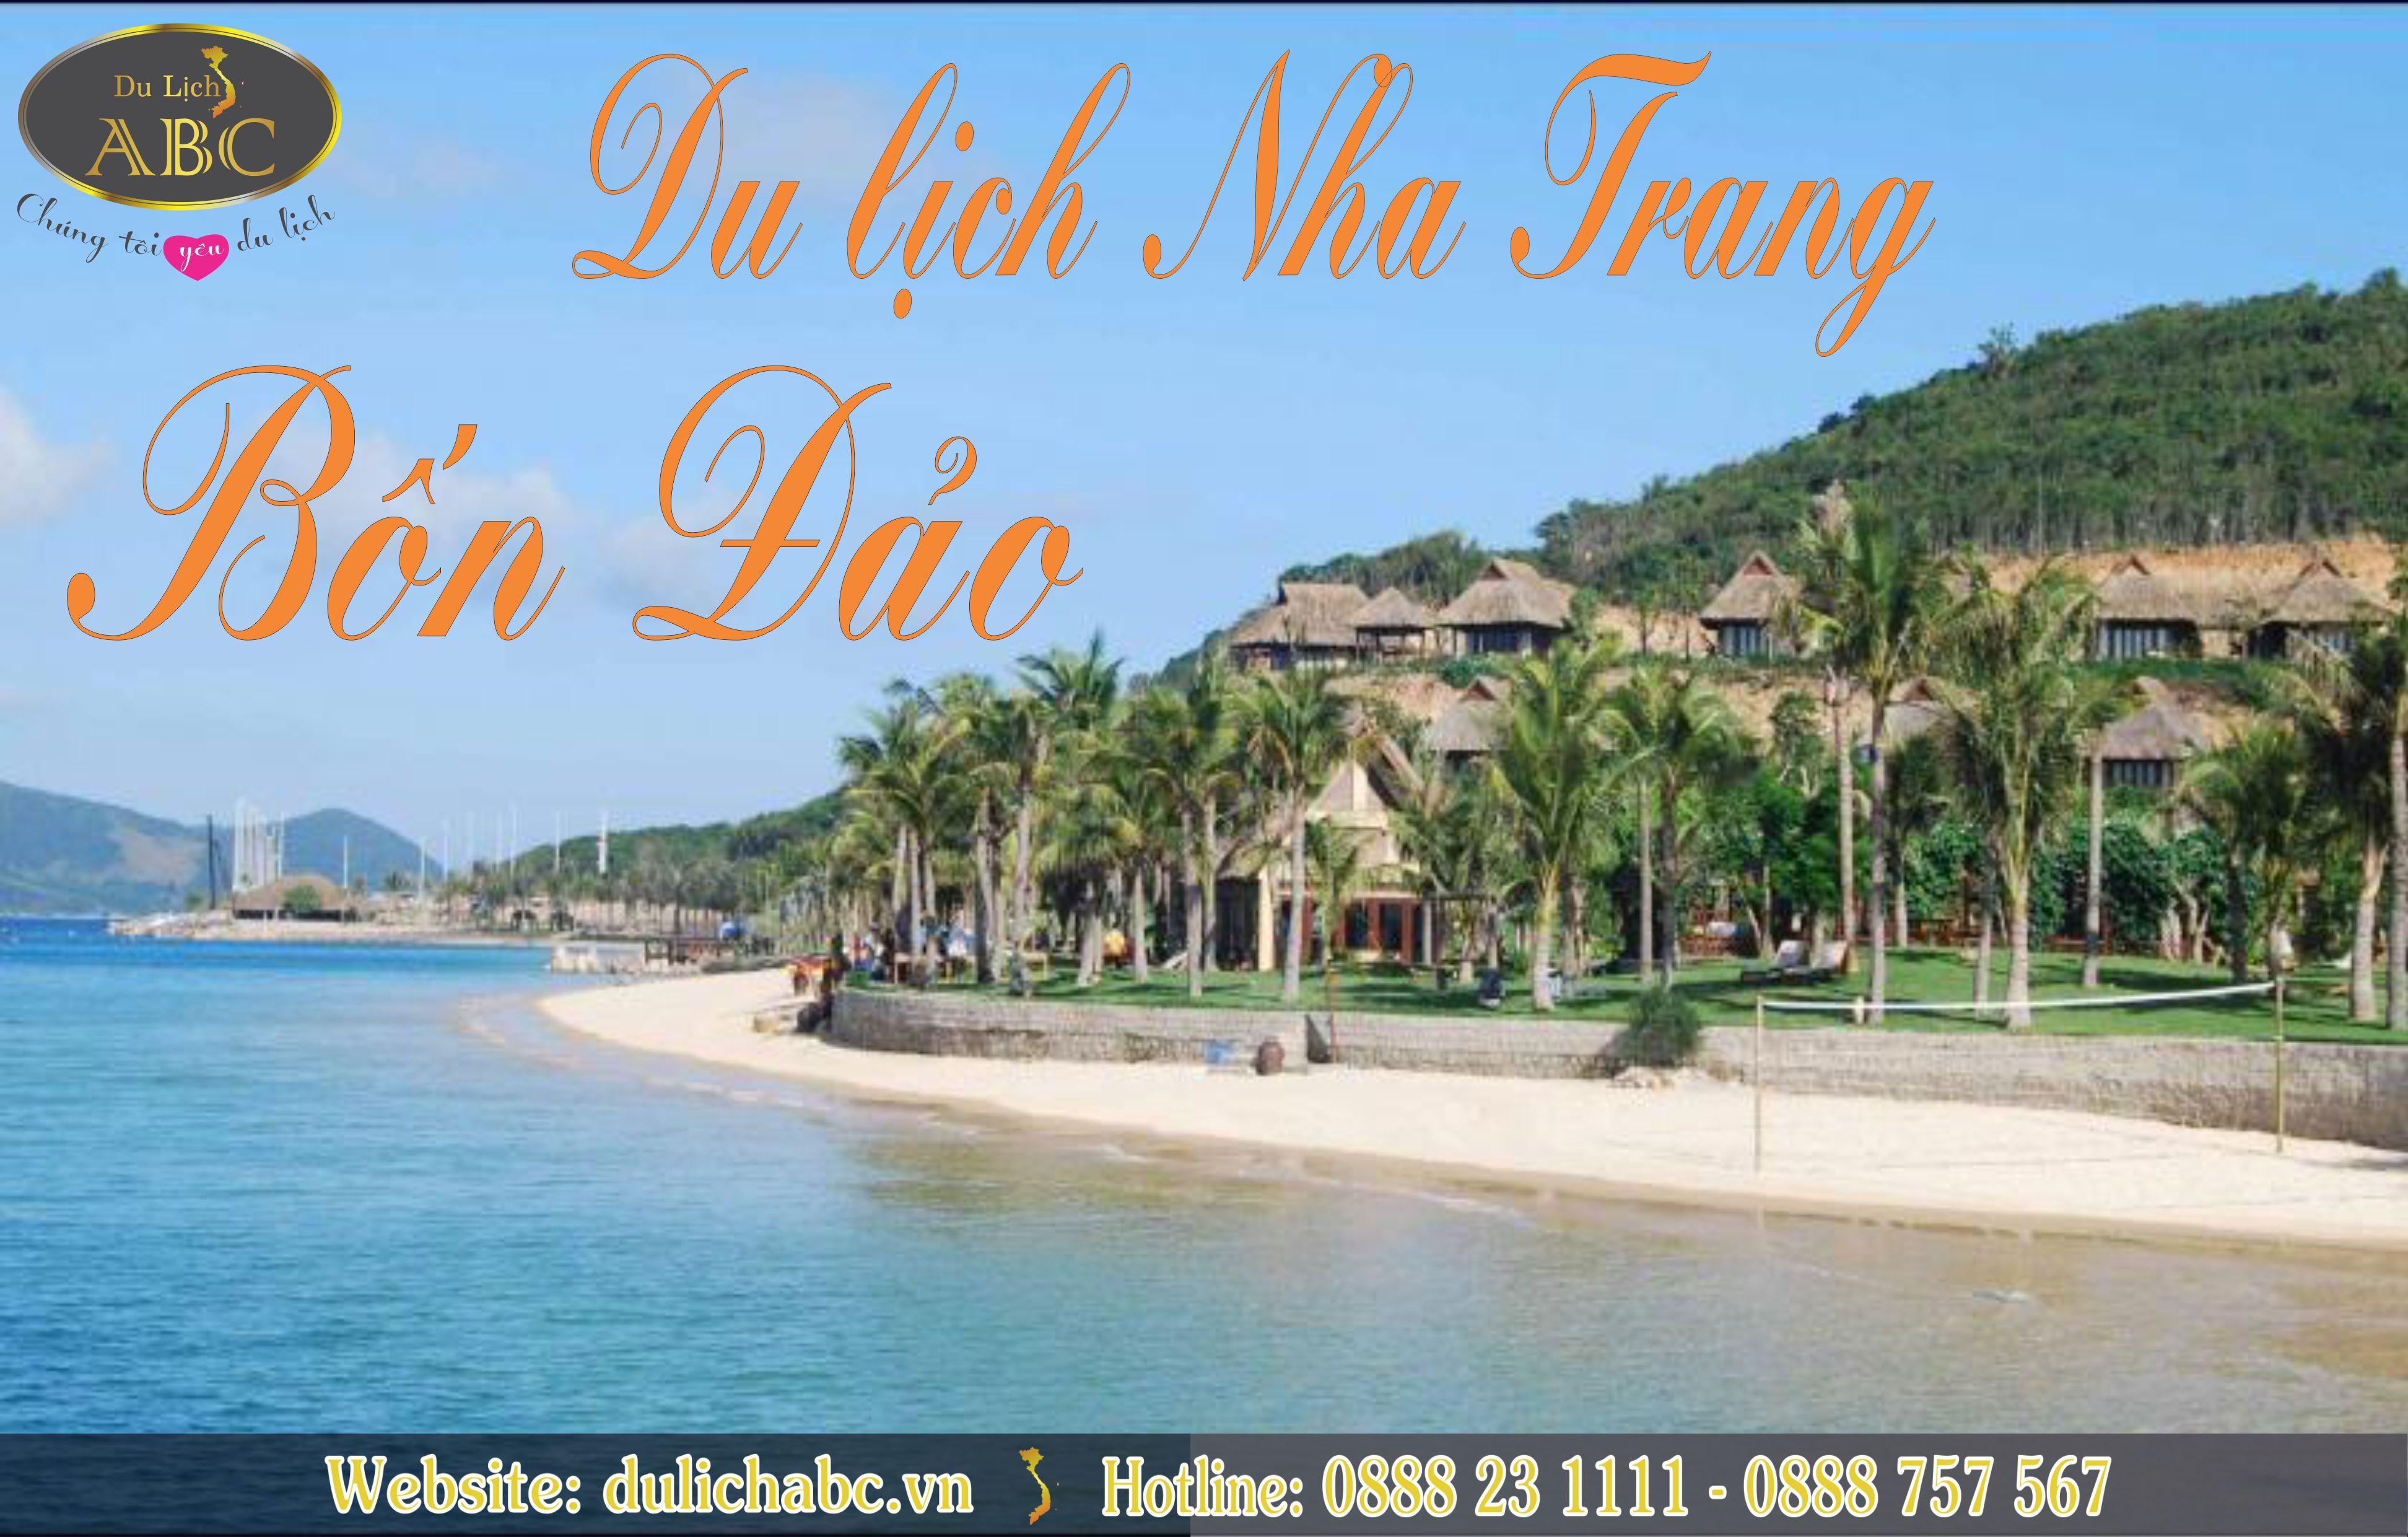 Du lịch Nha Trang - Sống và Trải Nghiệm